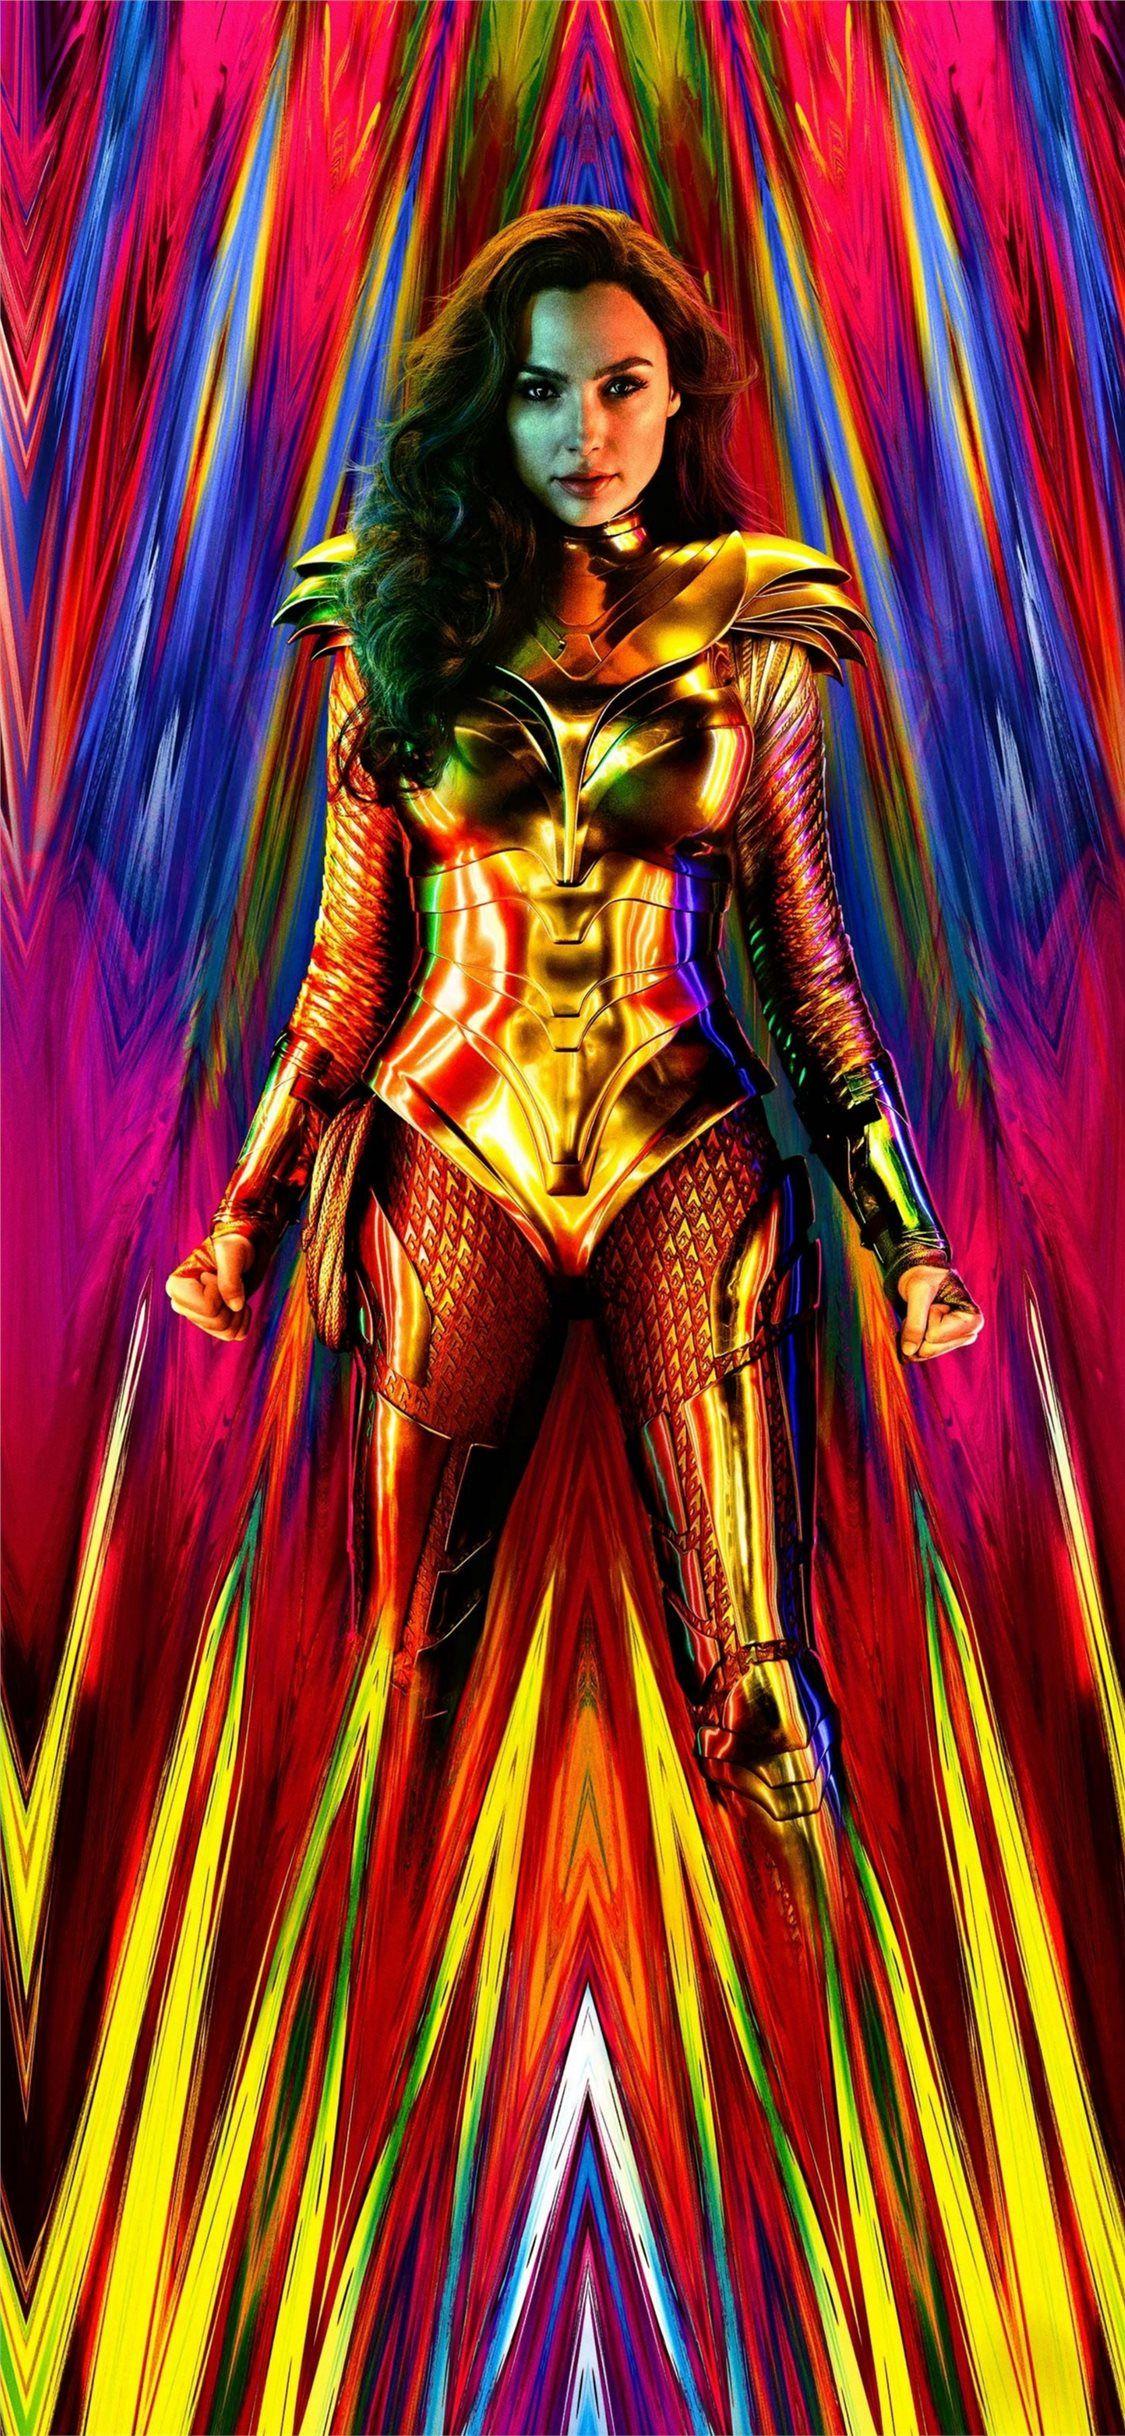 Wonder Woman 1984 8k Wallpaper Wonder Woman Movie Wonder Woman Gal Gadot Wonder Woman